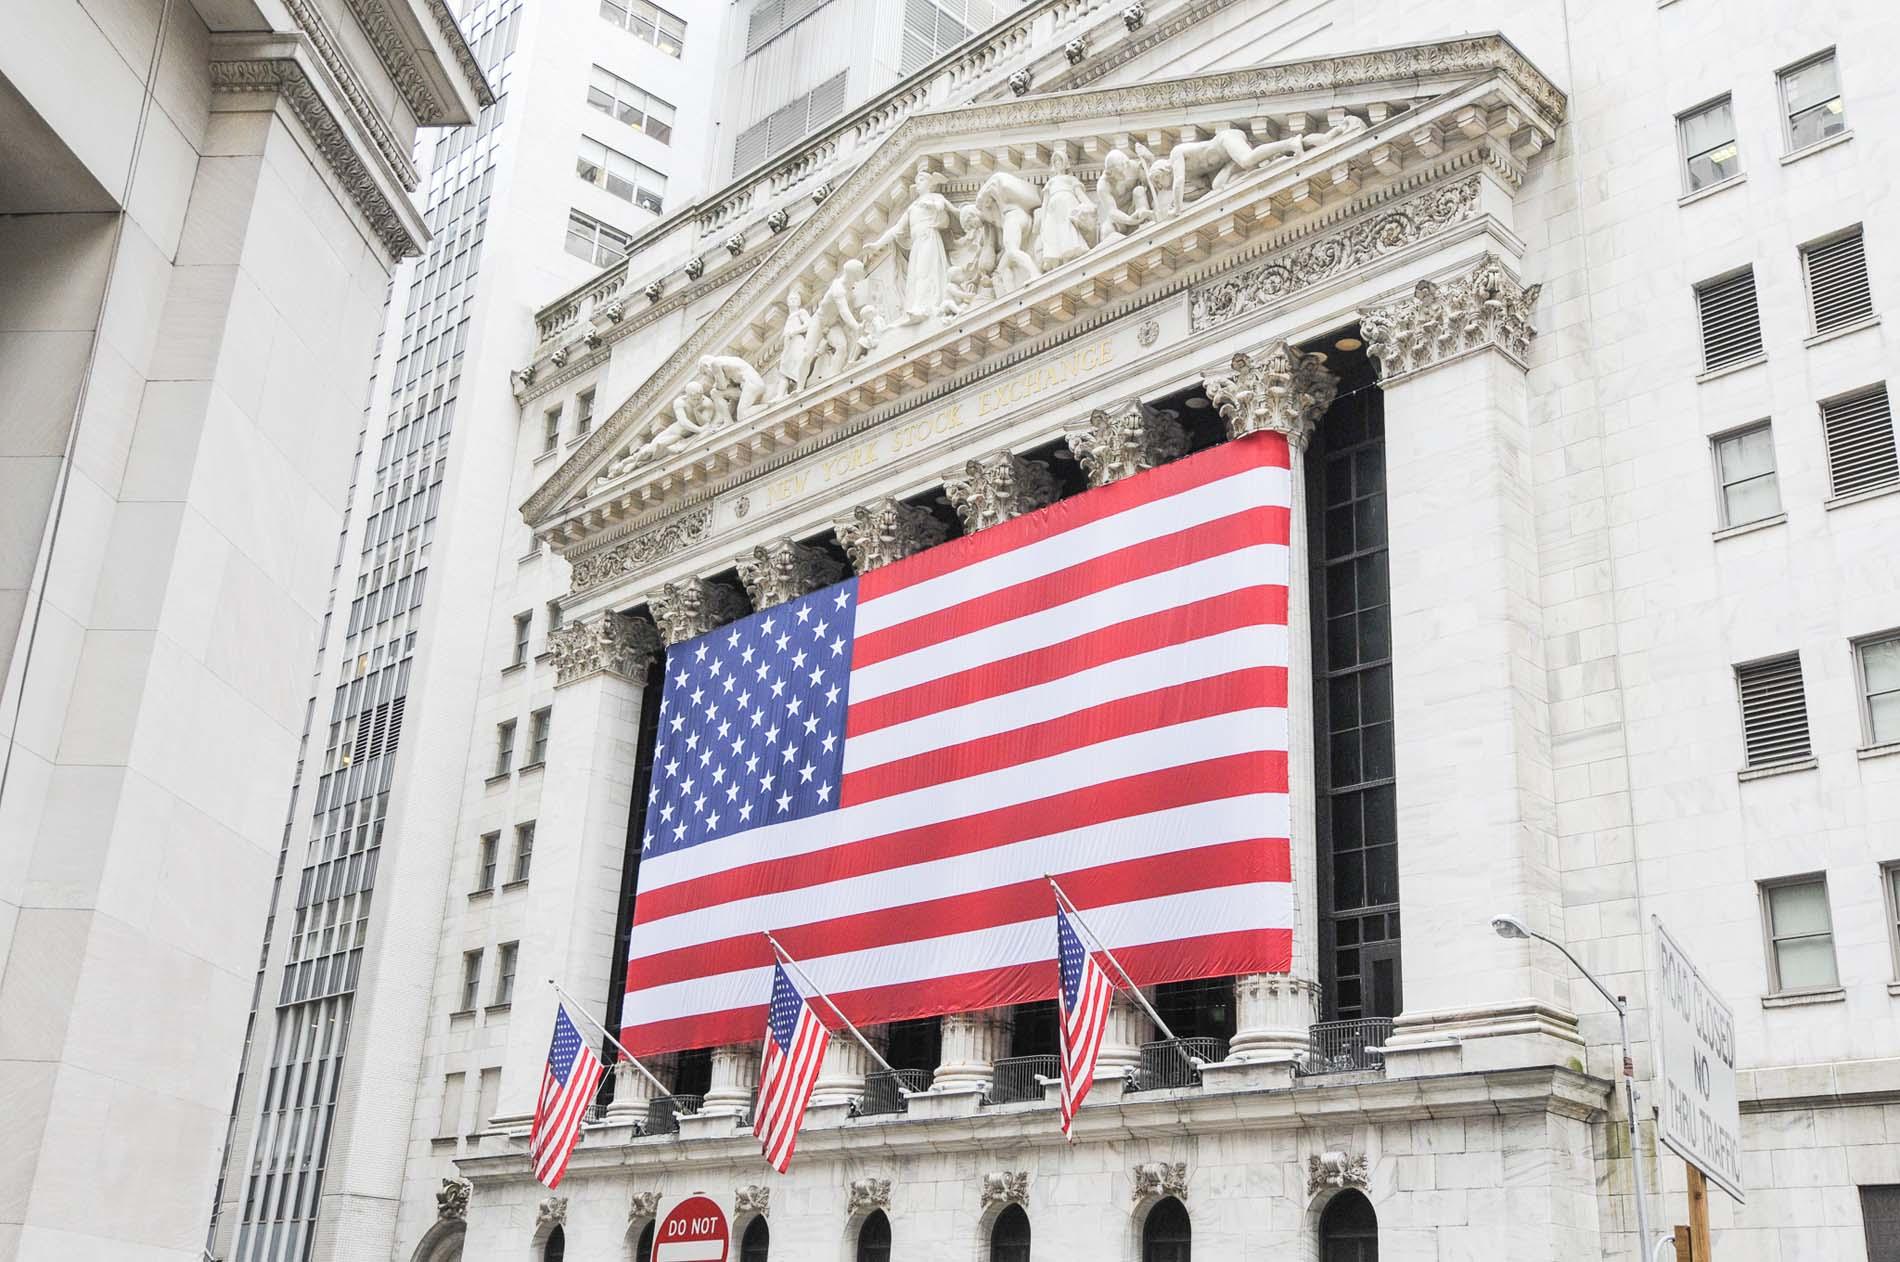 9.2-Stock-Exchange-Angelo-Giordano-from-Pixabay-2.jpg